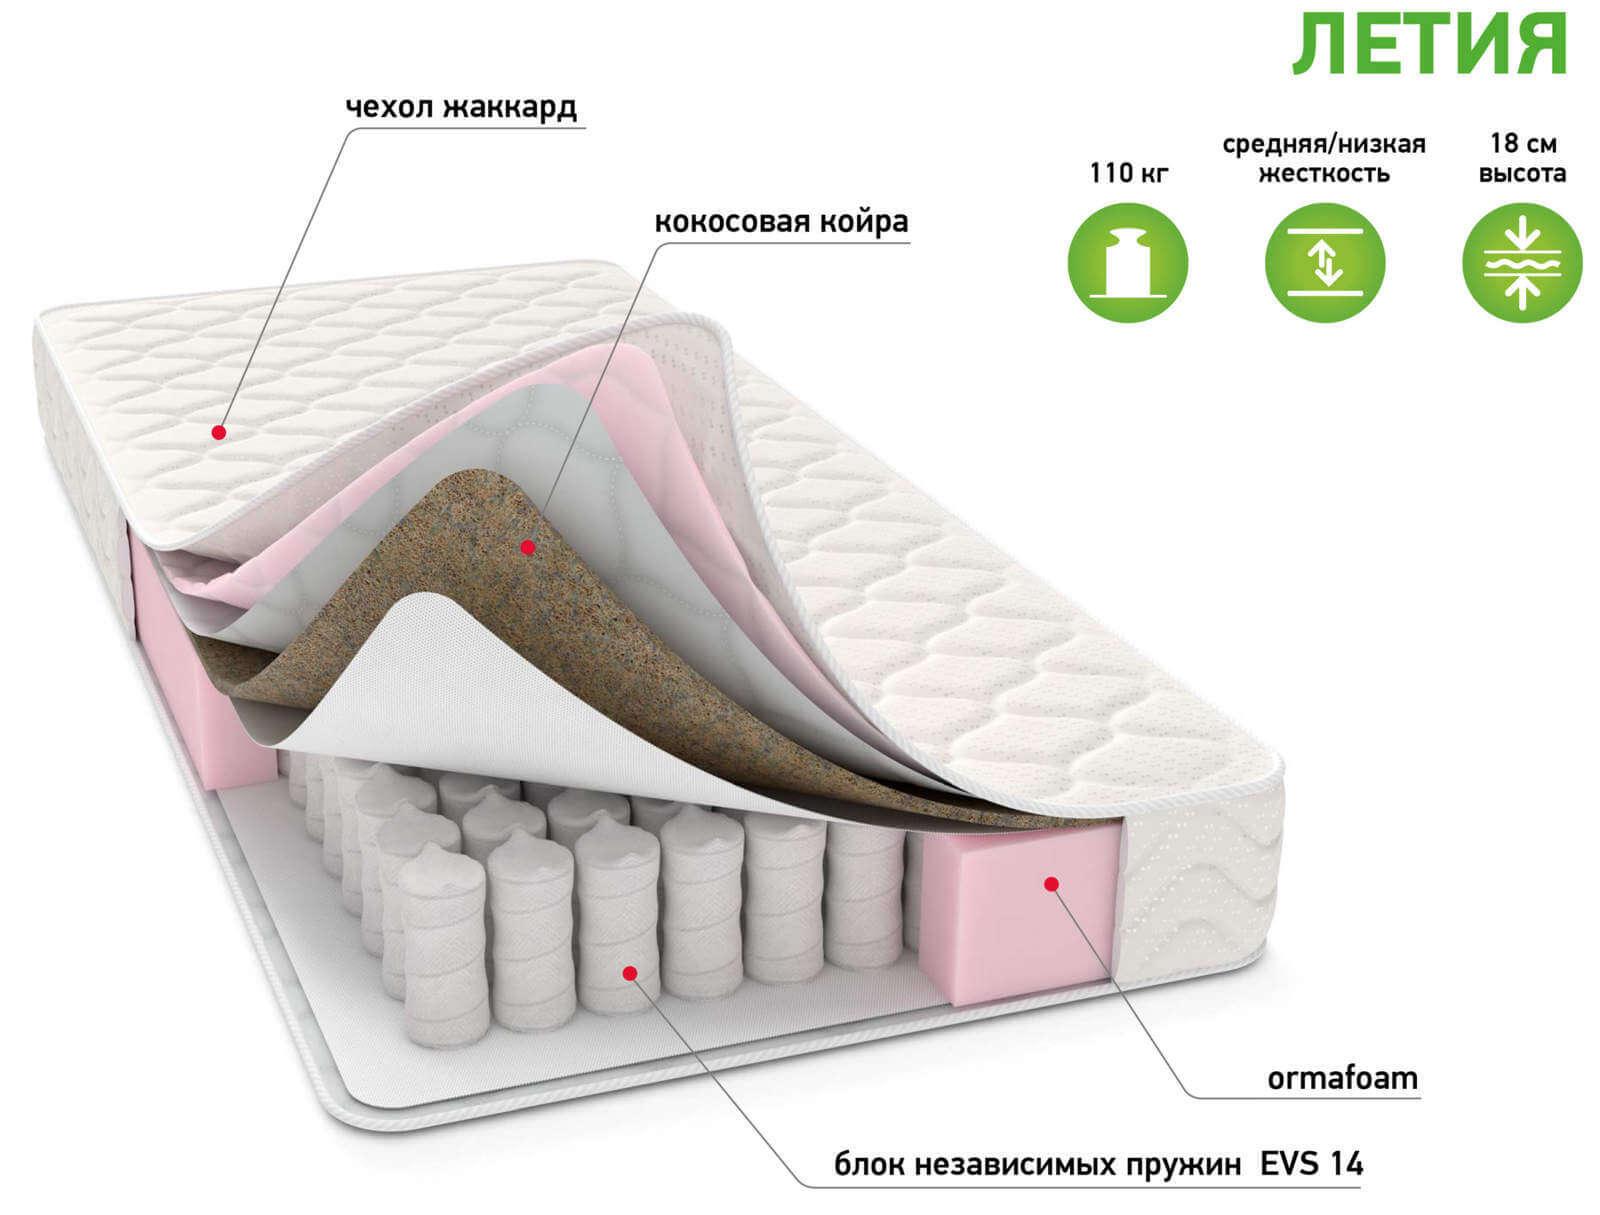 Матрасы орматек в перми купить купить ортопедический матрас скидки